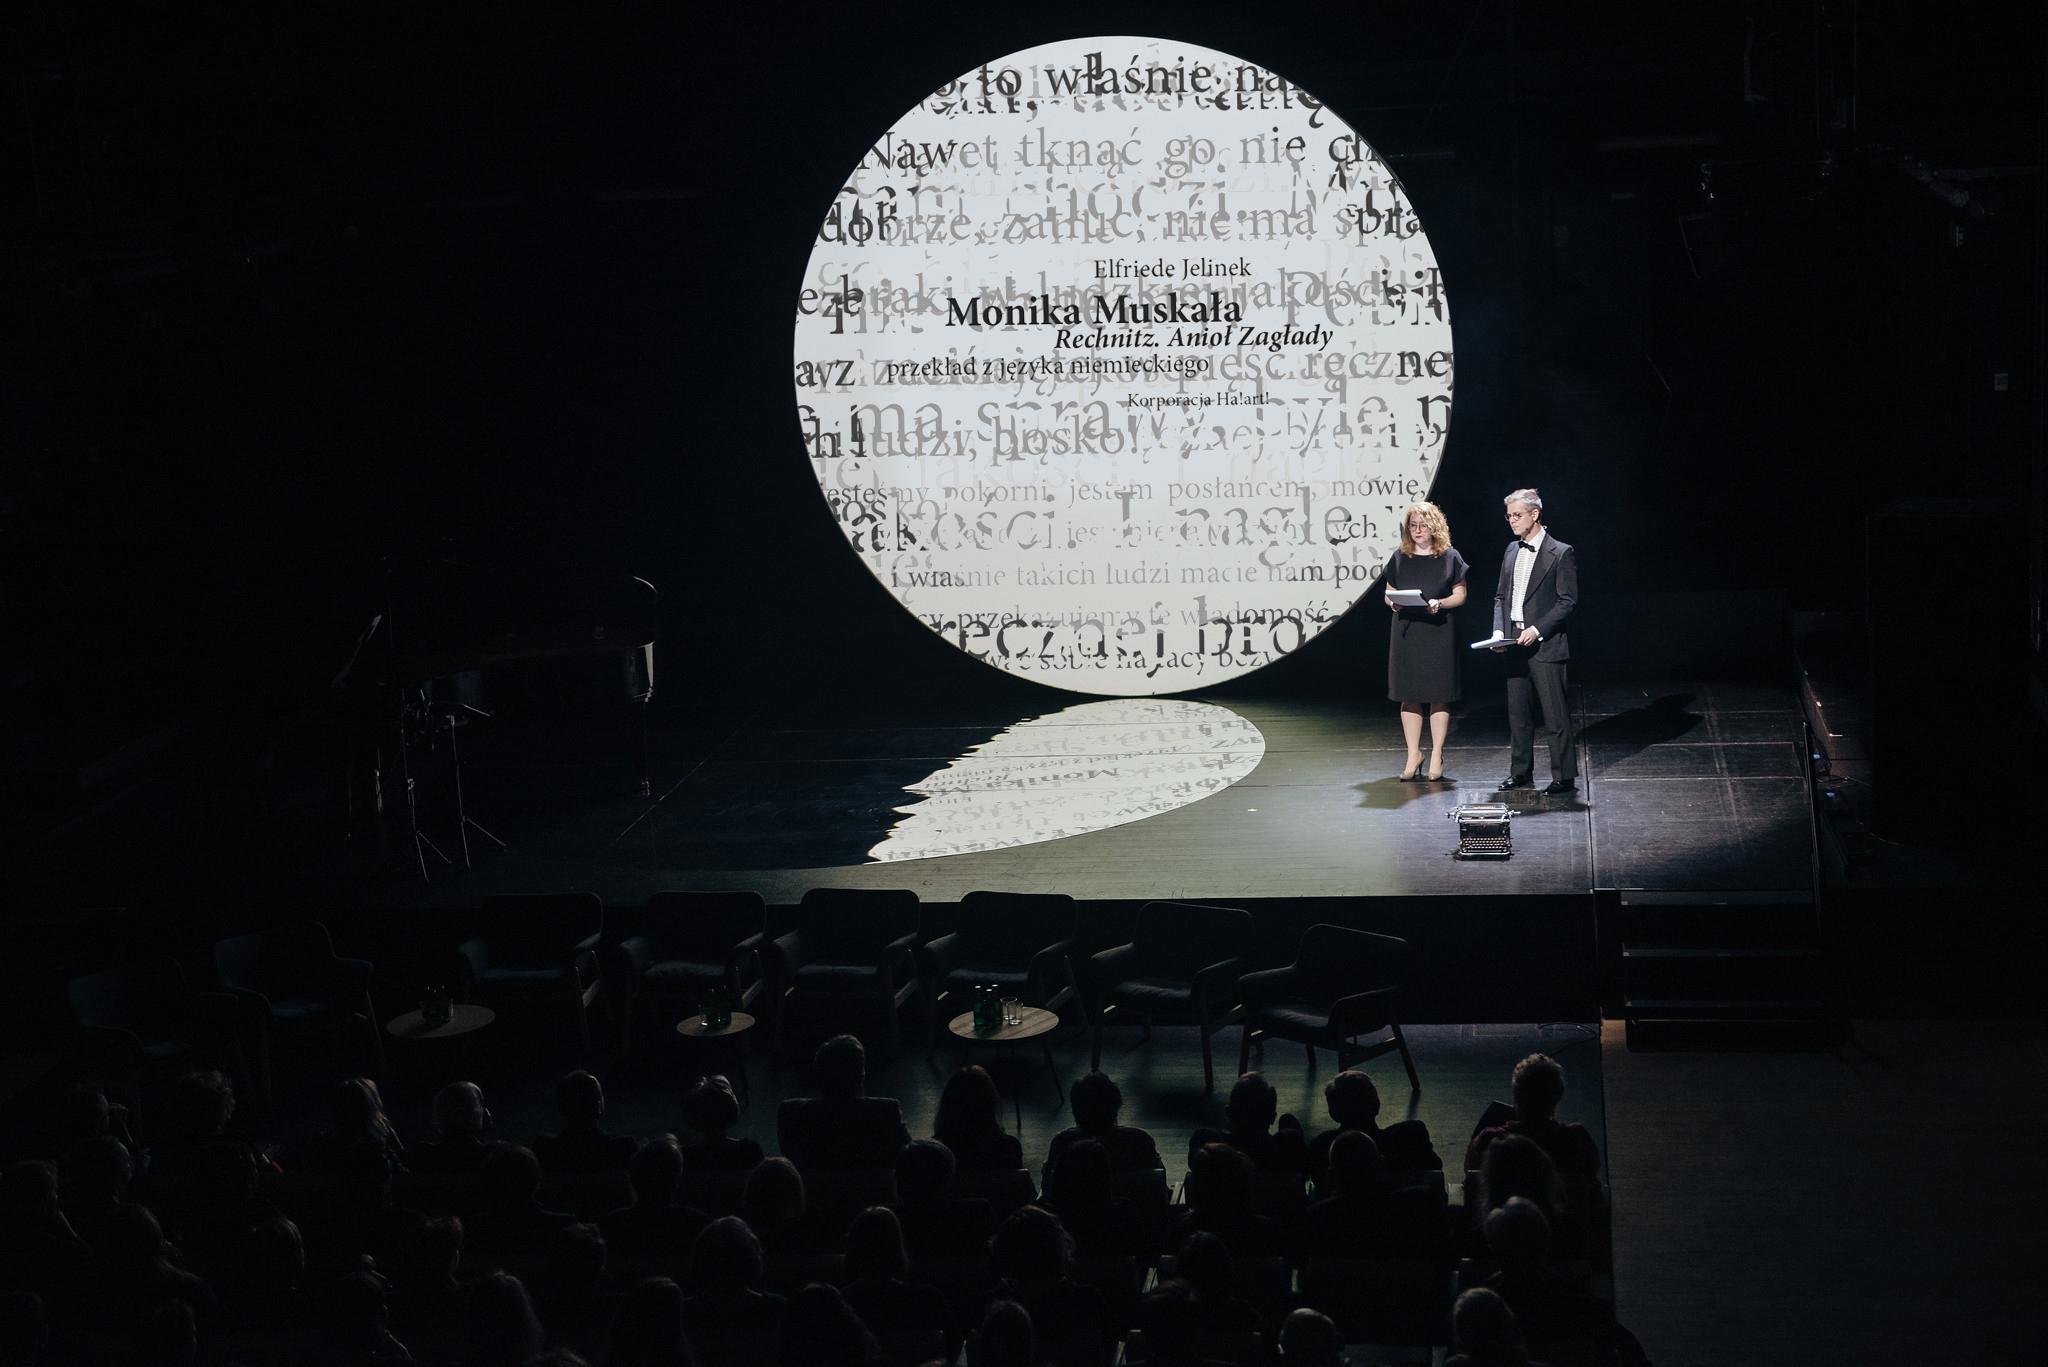 odnalezione w tłumaczeniu gdańsk Adam Dudek, projekt graficzny